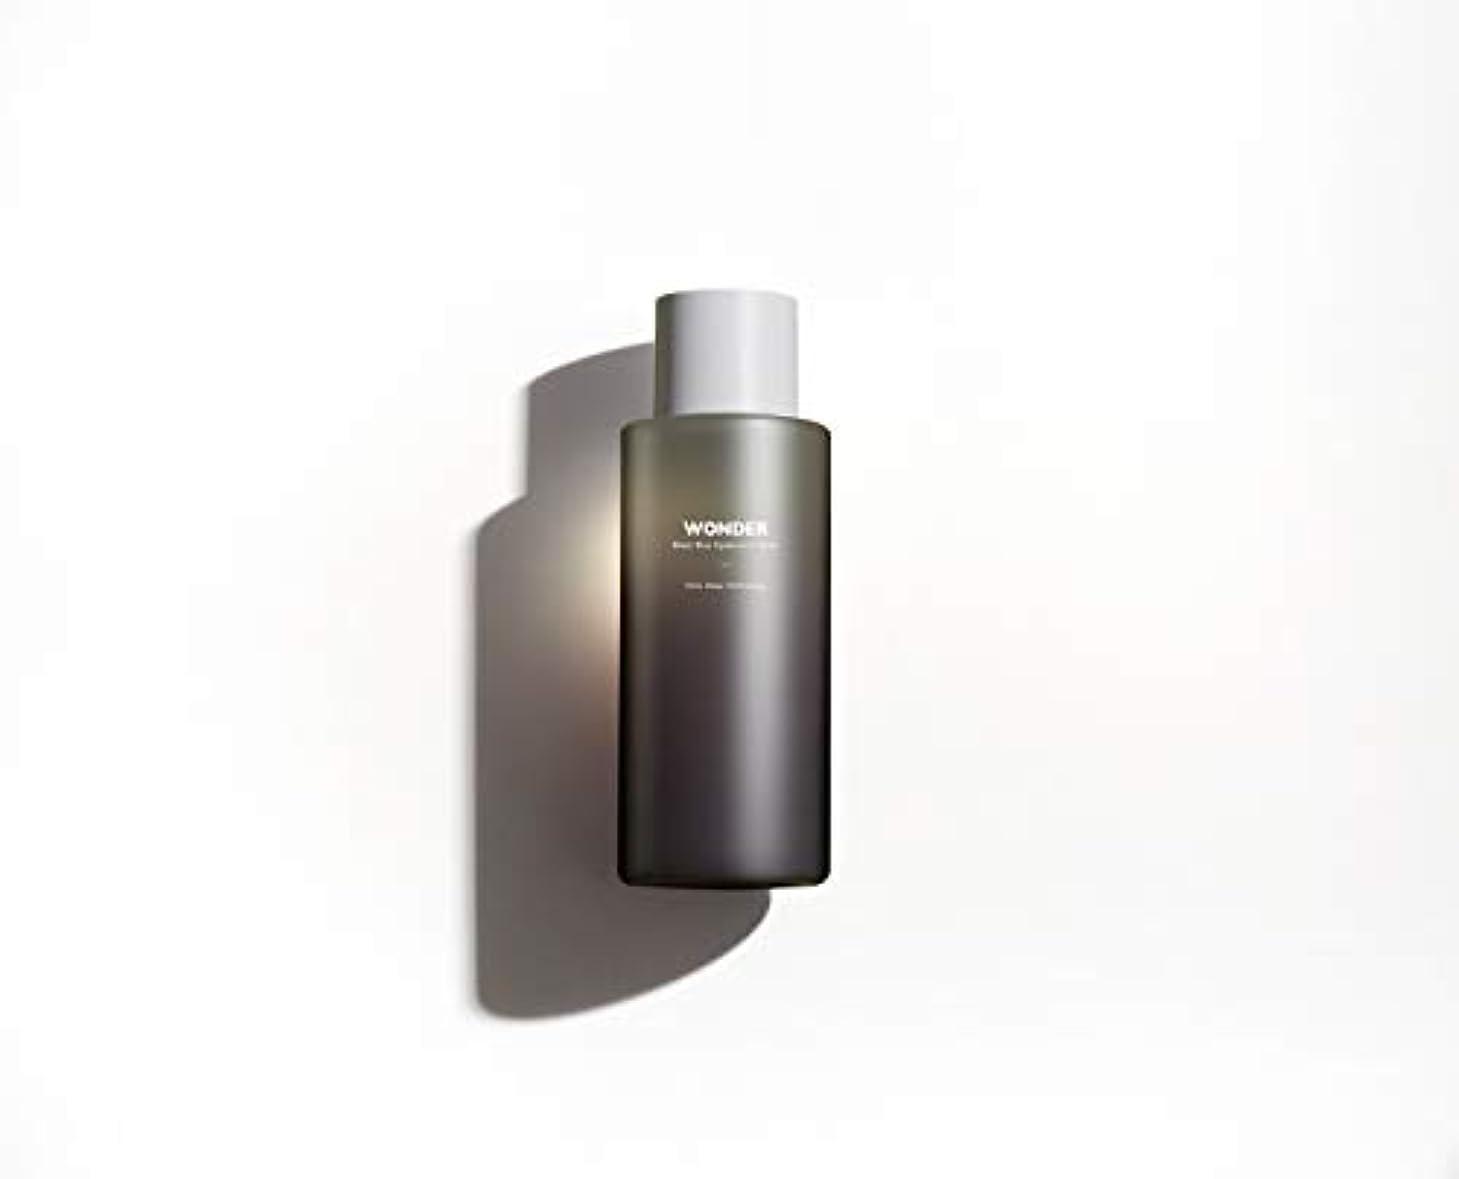 ファンド鳥タイルHaruharu(ハルハル) ハルハルワンダー BRHAトナー 化粧水 天然ラベンダーオイルの香り 300ml